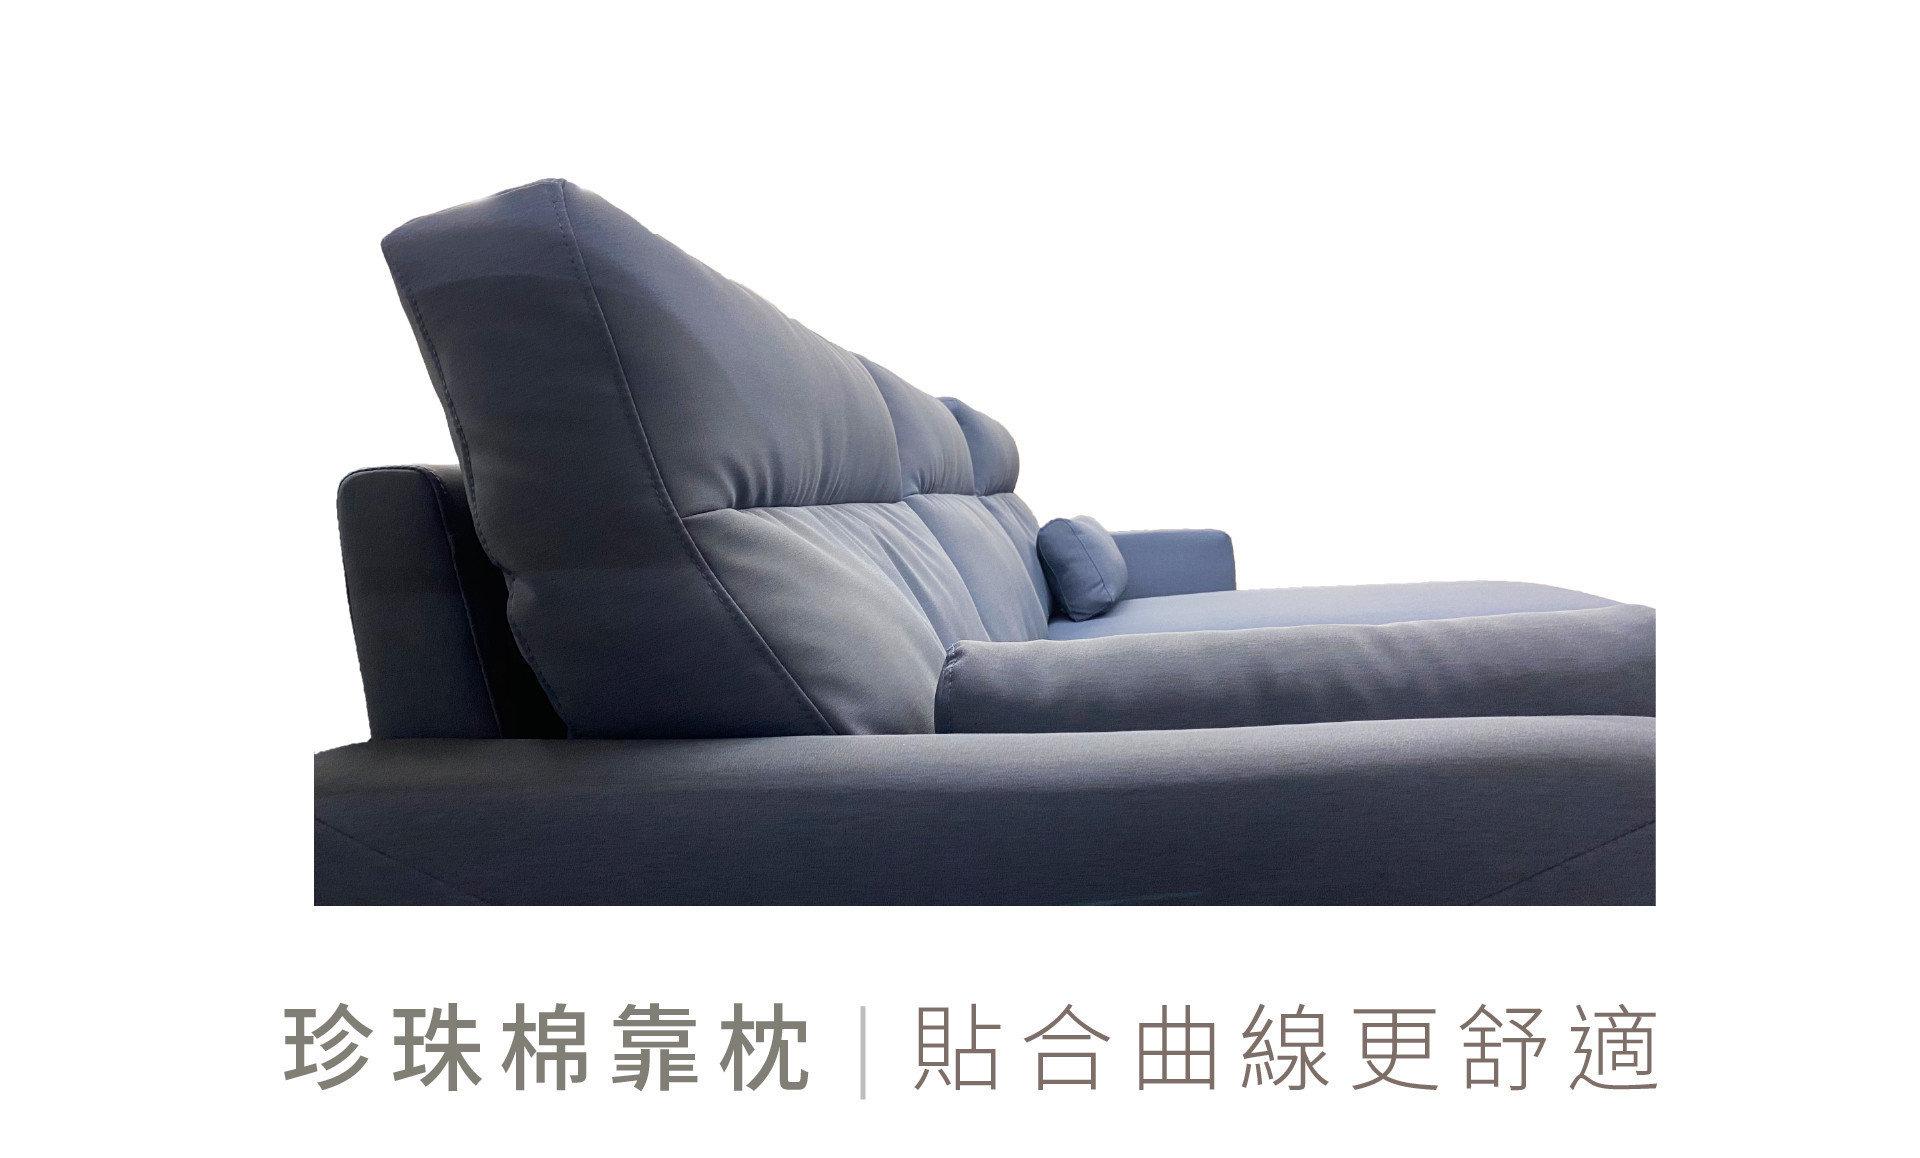 凱爾沙發珍珠棉靠枕,完美貼合人體曲線,給你絕佳舒適!